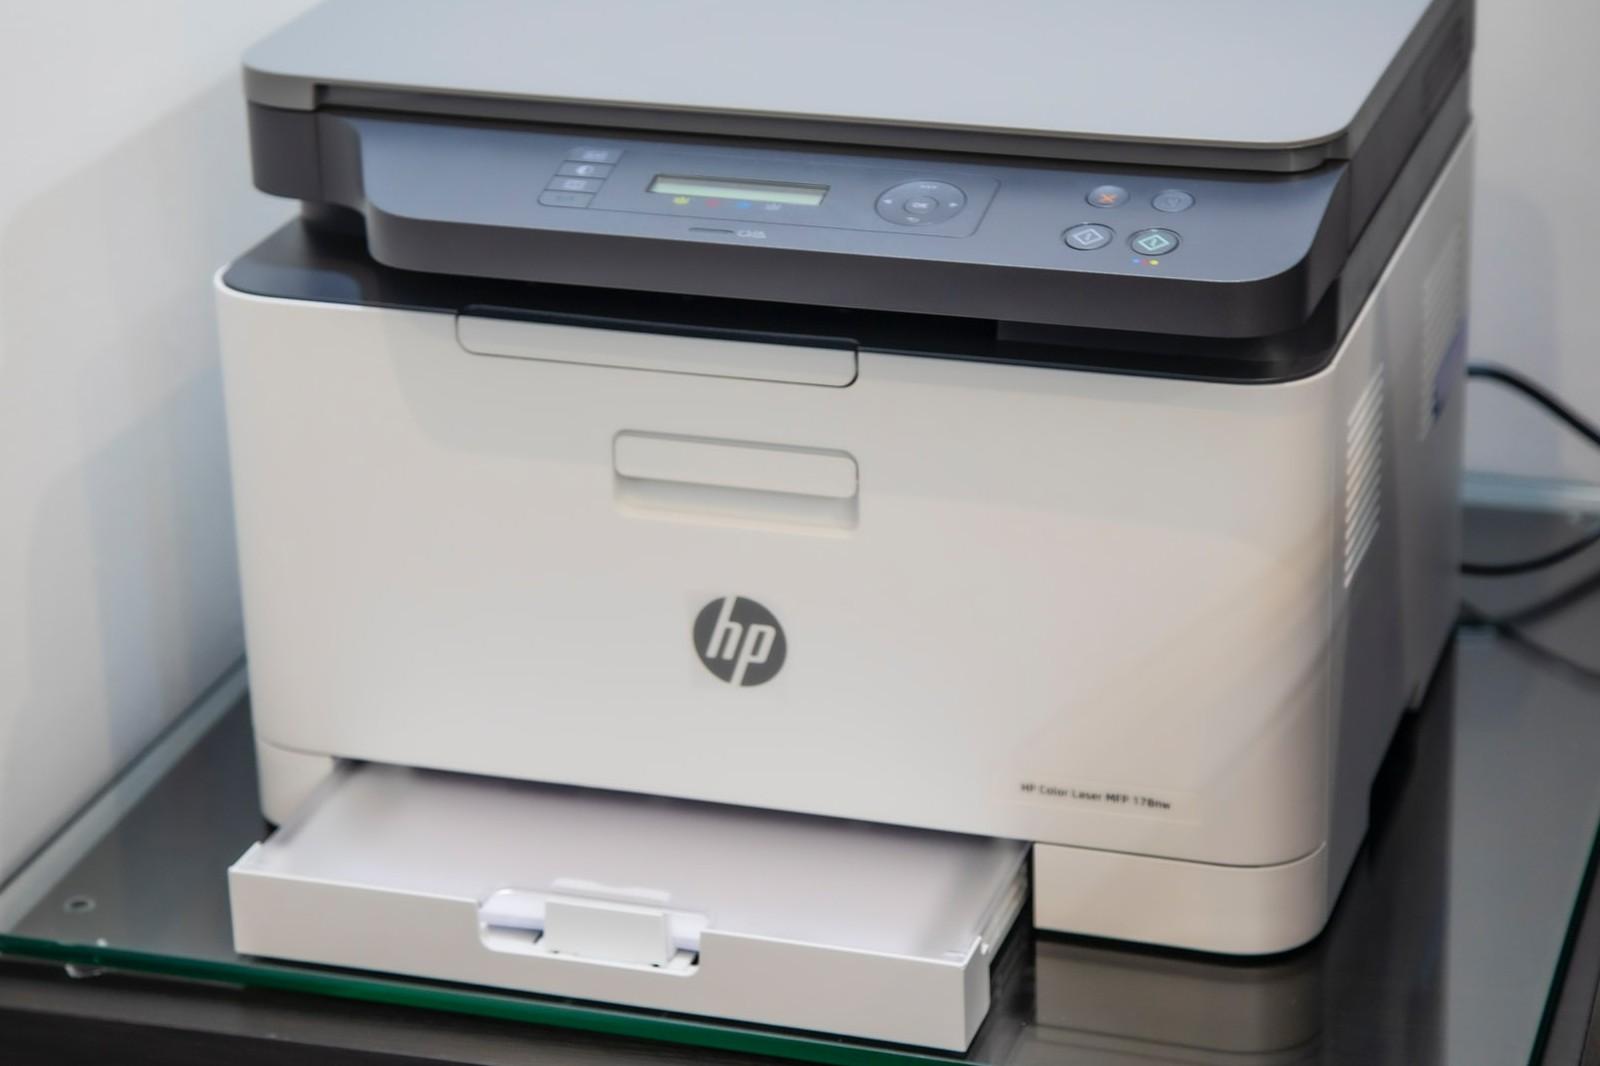 schwarzweiß laserdrucker mit scanner